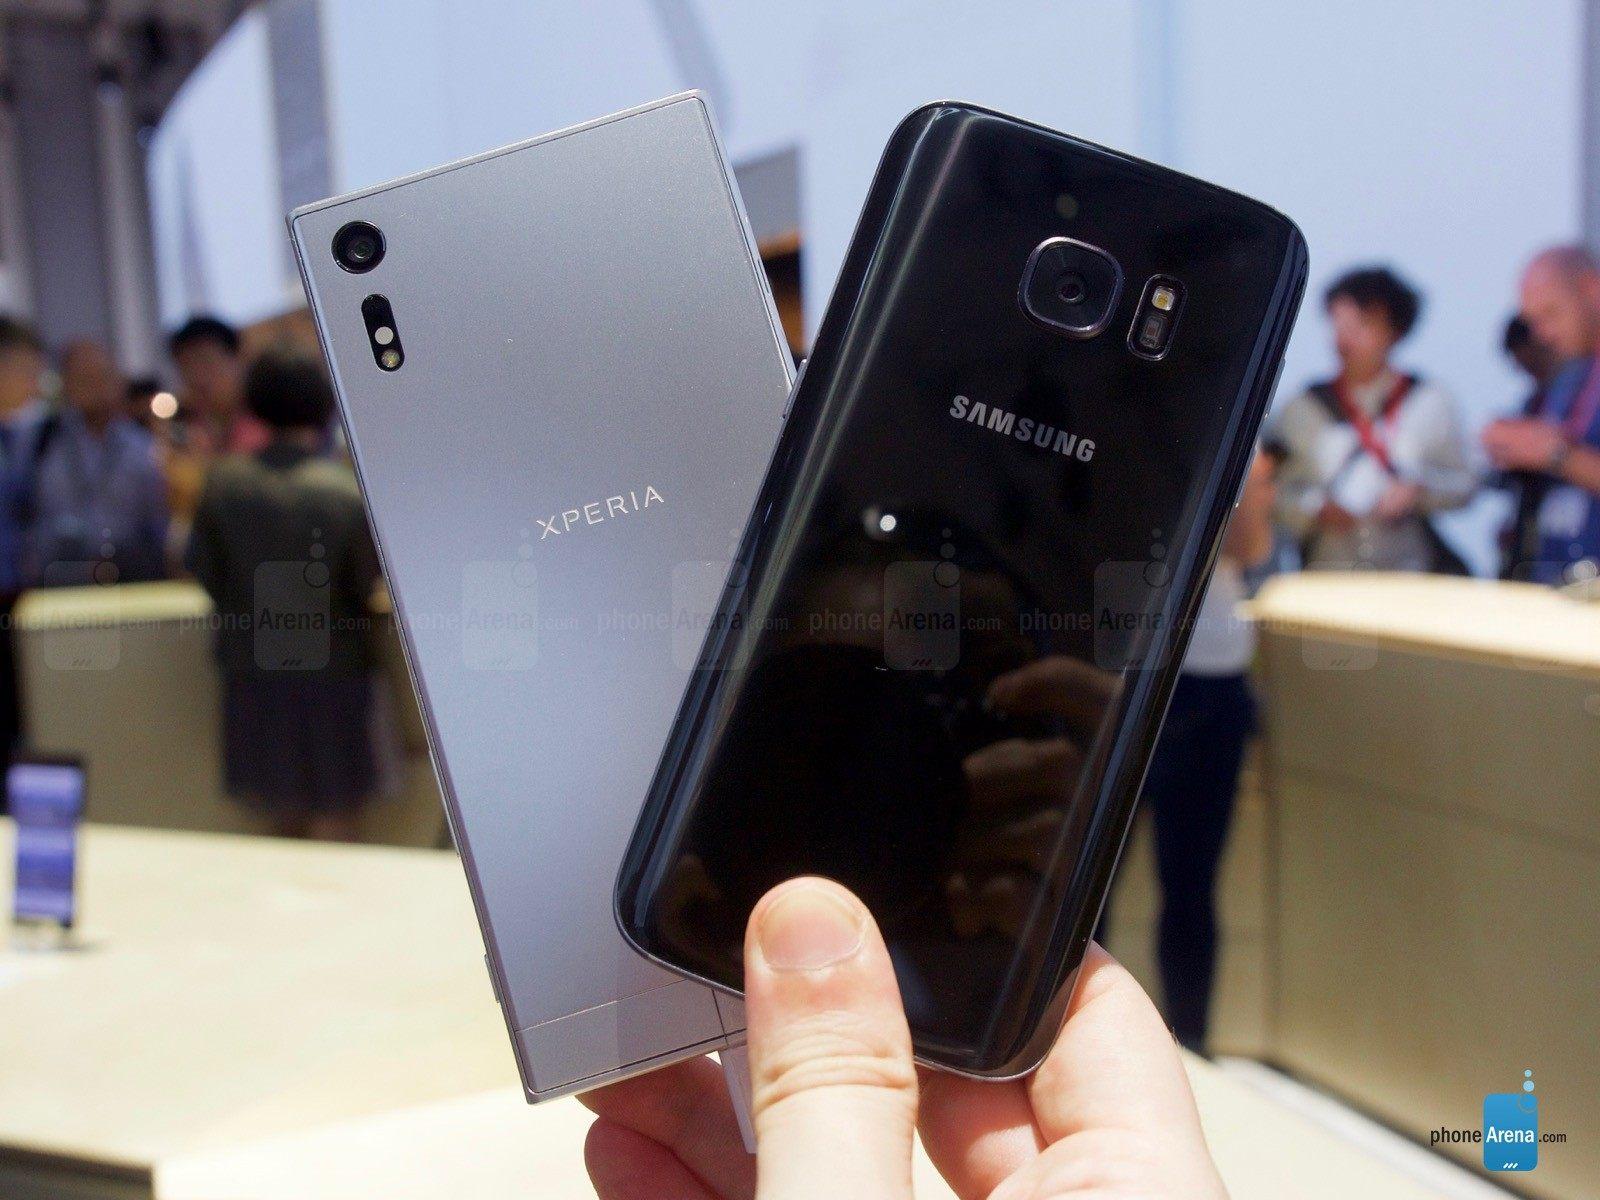 Migliori smartphone – iPhone 7 vs Samsung Galaxy S7: confronto con foto!